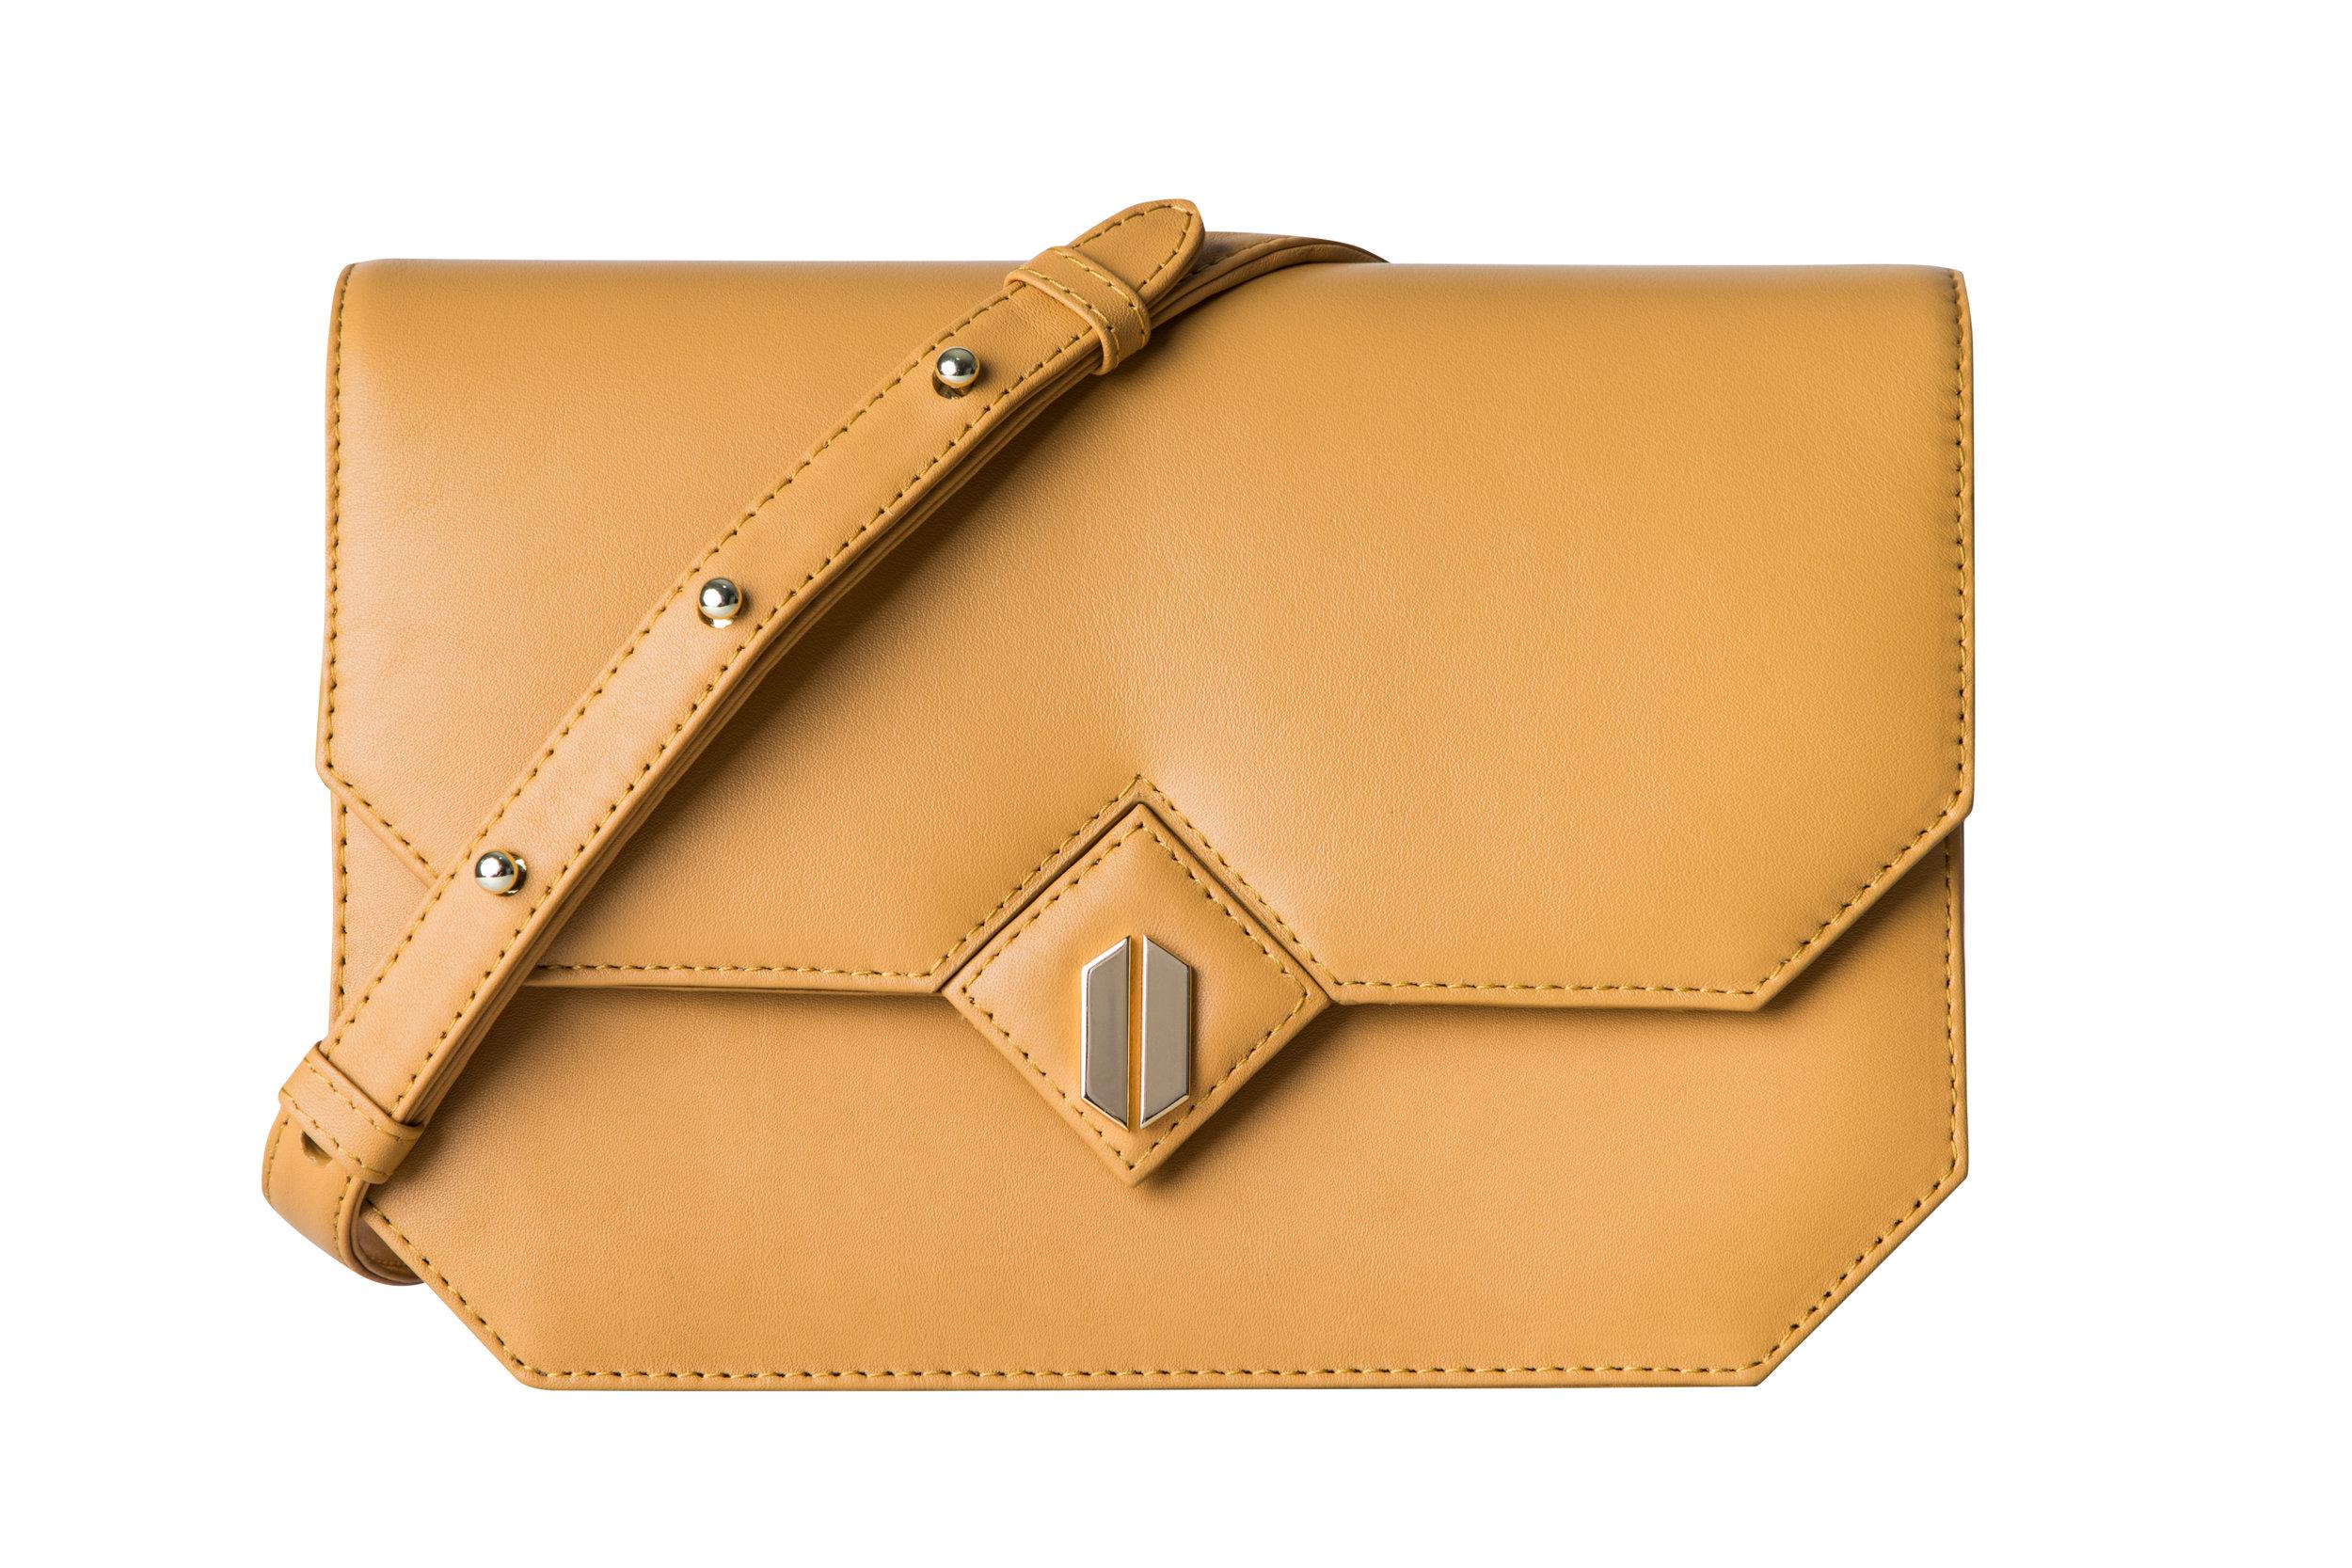 Galatea Bag in Mustard $445 USD